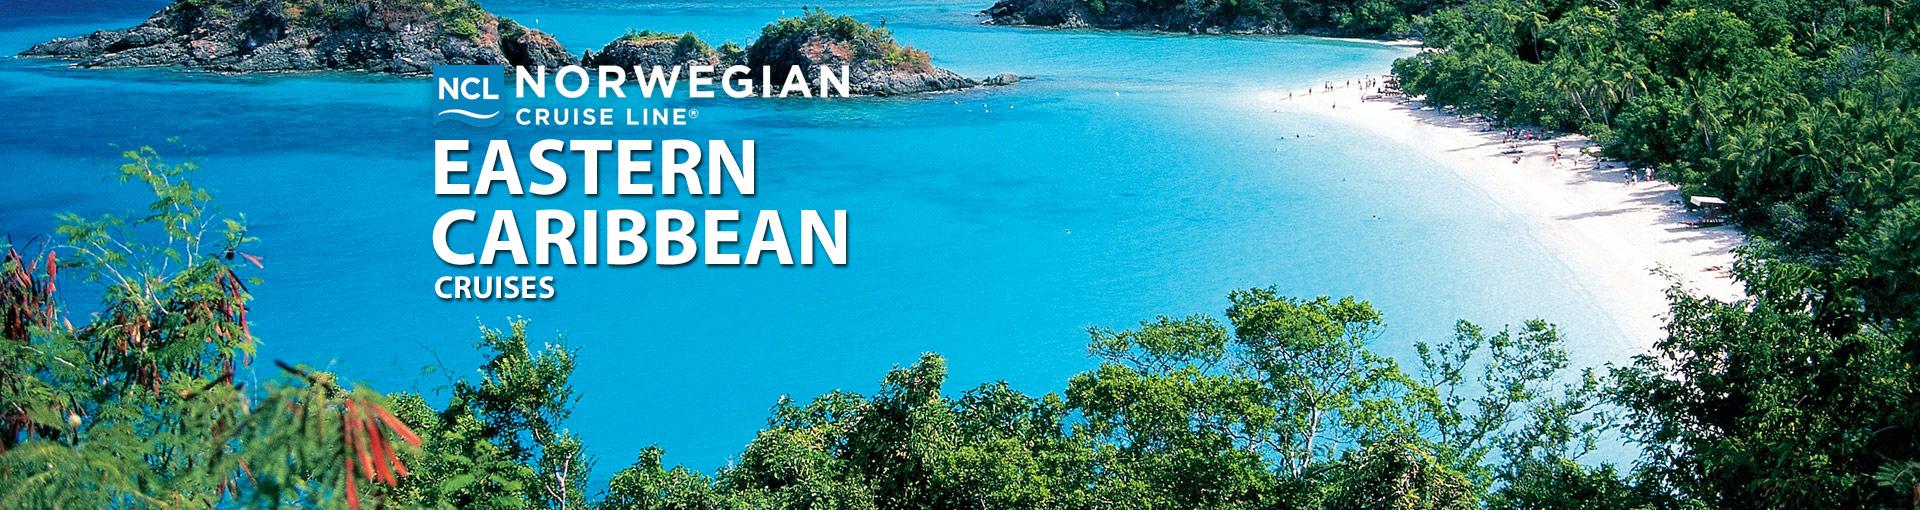 Norwegian Eastern Caribbean Cruises And Eastern